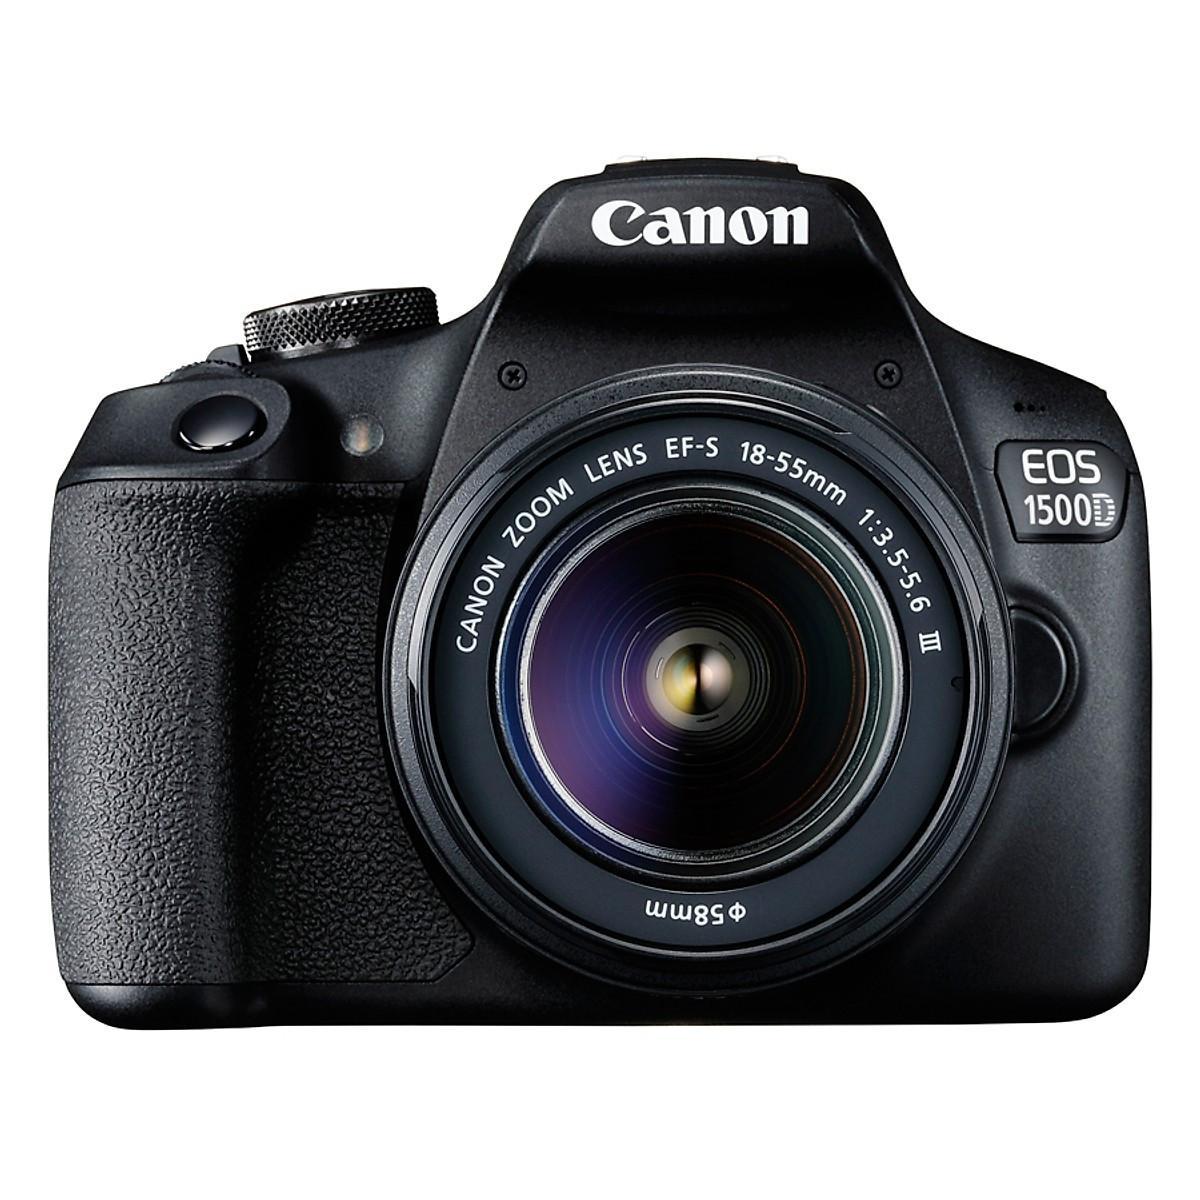 Đánh giá, review Máy Ảnh Canon EOS 1500D + Lens EF-S 18 - 55mm III